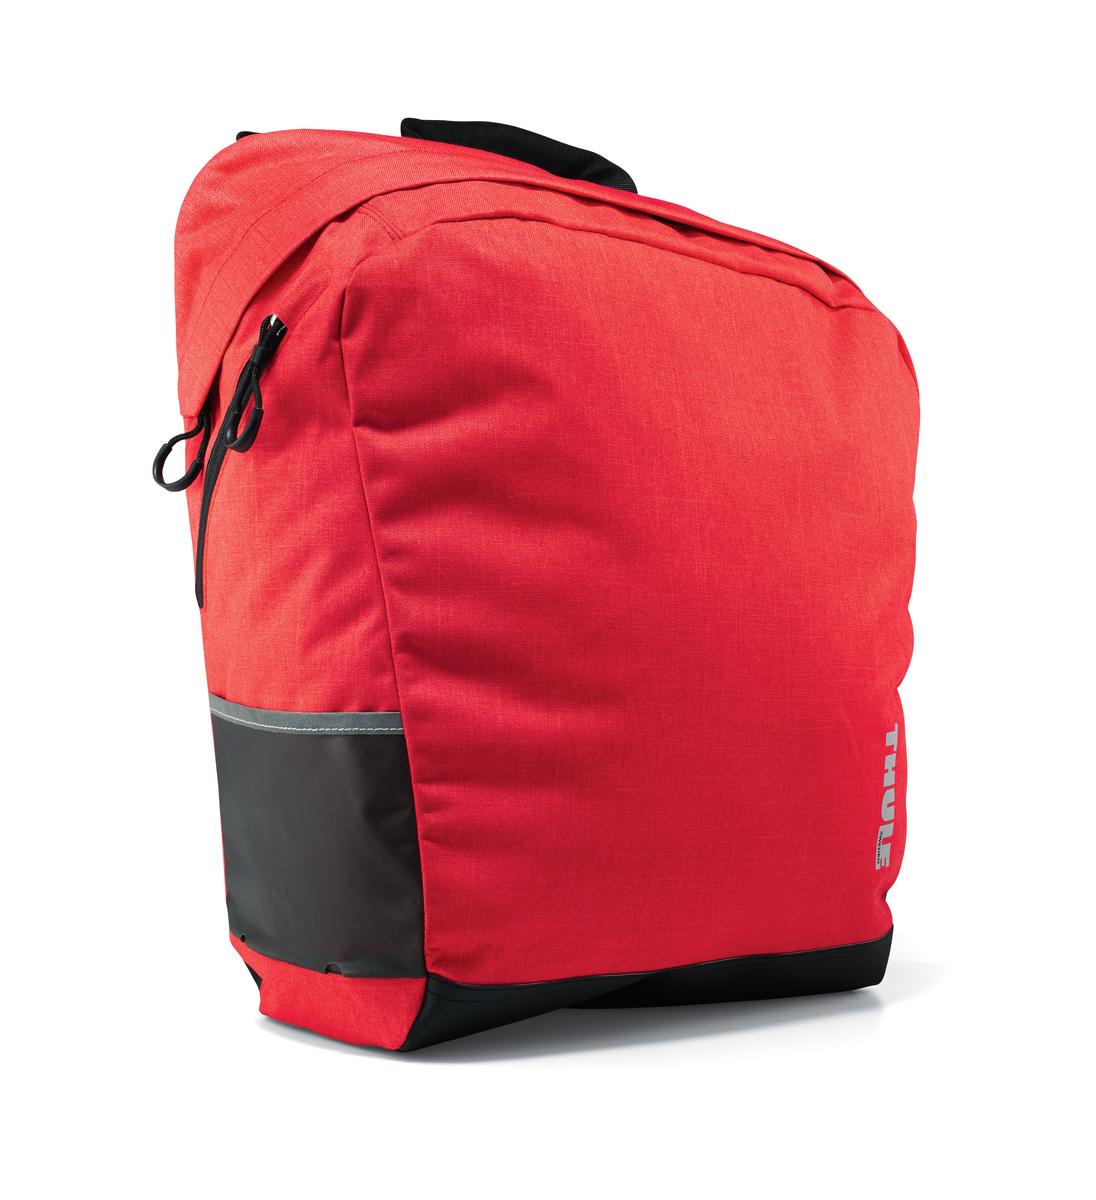 Сумка городская Thule Tote2, цвет: темно-красный100003Велосипедная сумка Tote2 — идеальный вариант для шопинга во время поездок по городу и пикника за городом. - Стильный дизайн - Водонепроницаемый материал - Объем сумки 23,5 литров - Легко крепится с помощью специальных зажимов к багажнику Thule Pack'n Pedal Tour - Для еще большего удобства размещения сумки на багажнике и быстрого крепления рекомендуем дополнительно использовать адаптер-раму для багажника Thule Pack'n Pedal Tour - Возможна установка сумки на переднем или заднем колесе велосипеда - Оснащена системой Blade/Helix/Magnetic для удобства крепления на багажник (с помощью зажимов в один клик и магнита для дополнительного прилегания сумки к раме багажника) - Удобные ручки и ремни для переноски после снятия с велосипеда - Боковые карманы - Светоотражающие элементы по бокам сумки - Наплечный ремень входит в комплект